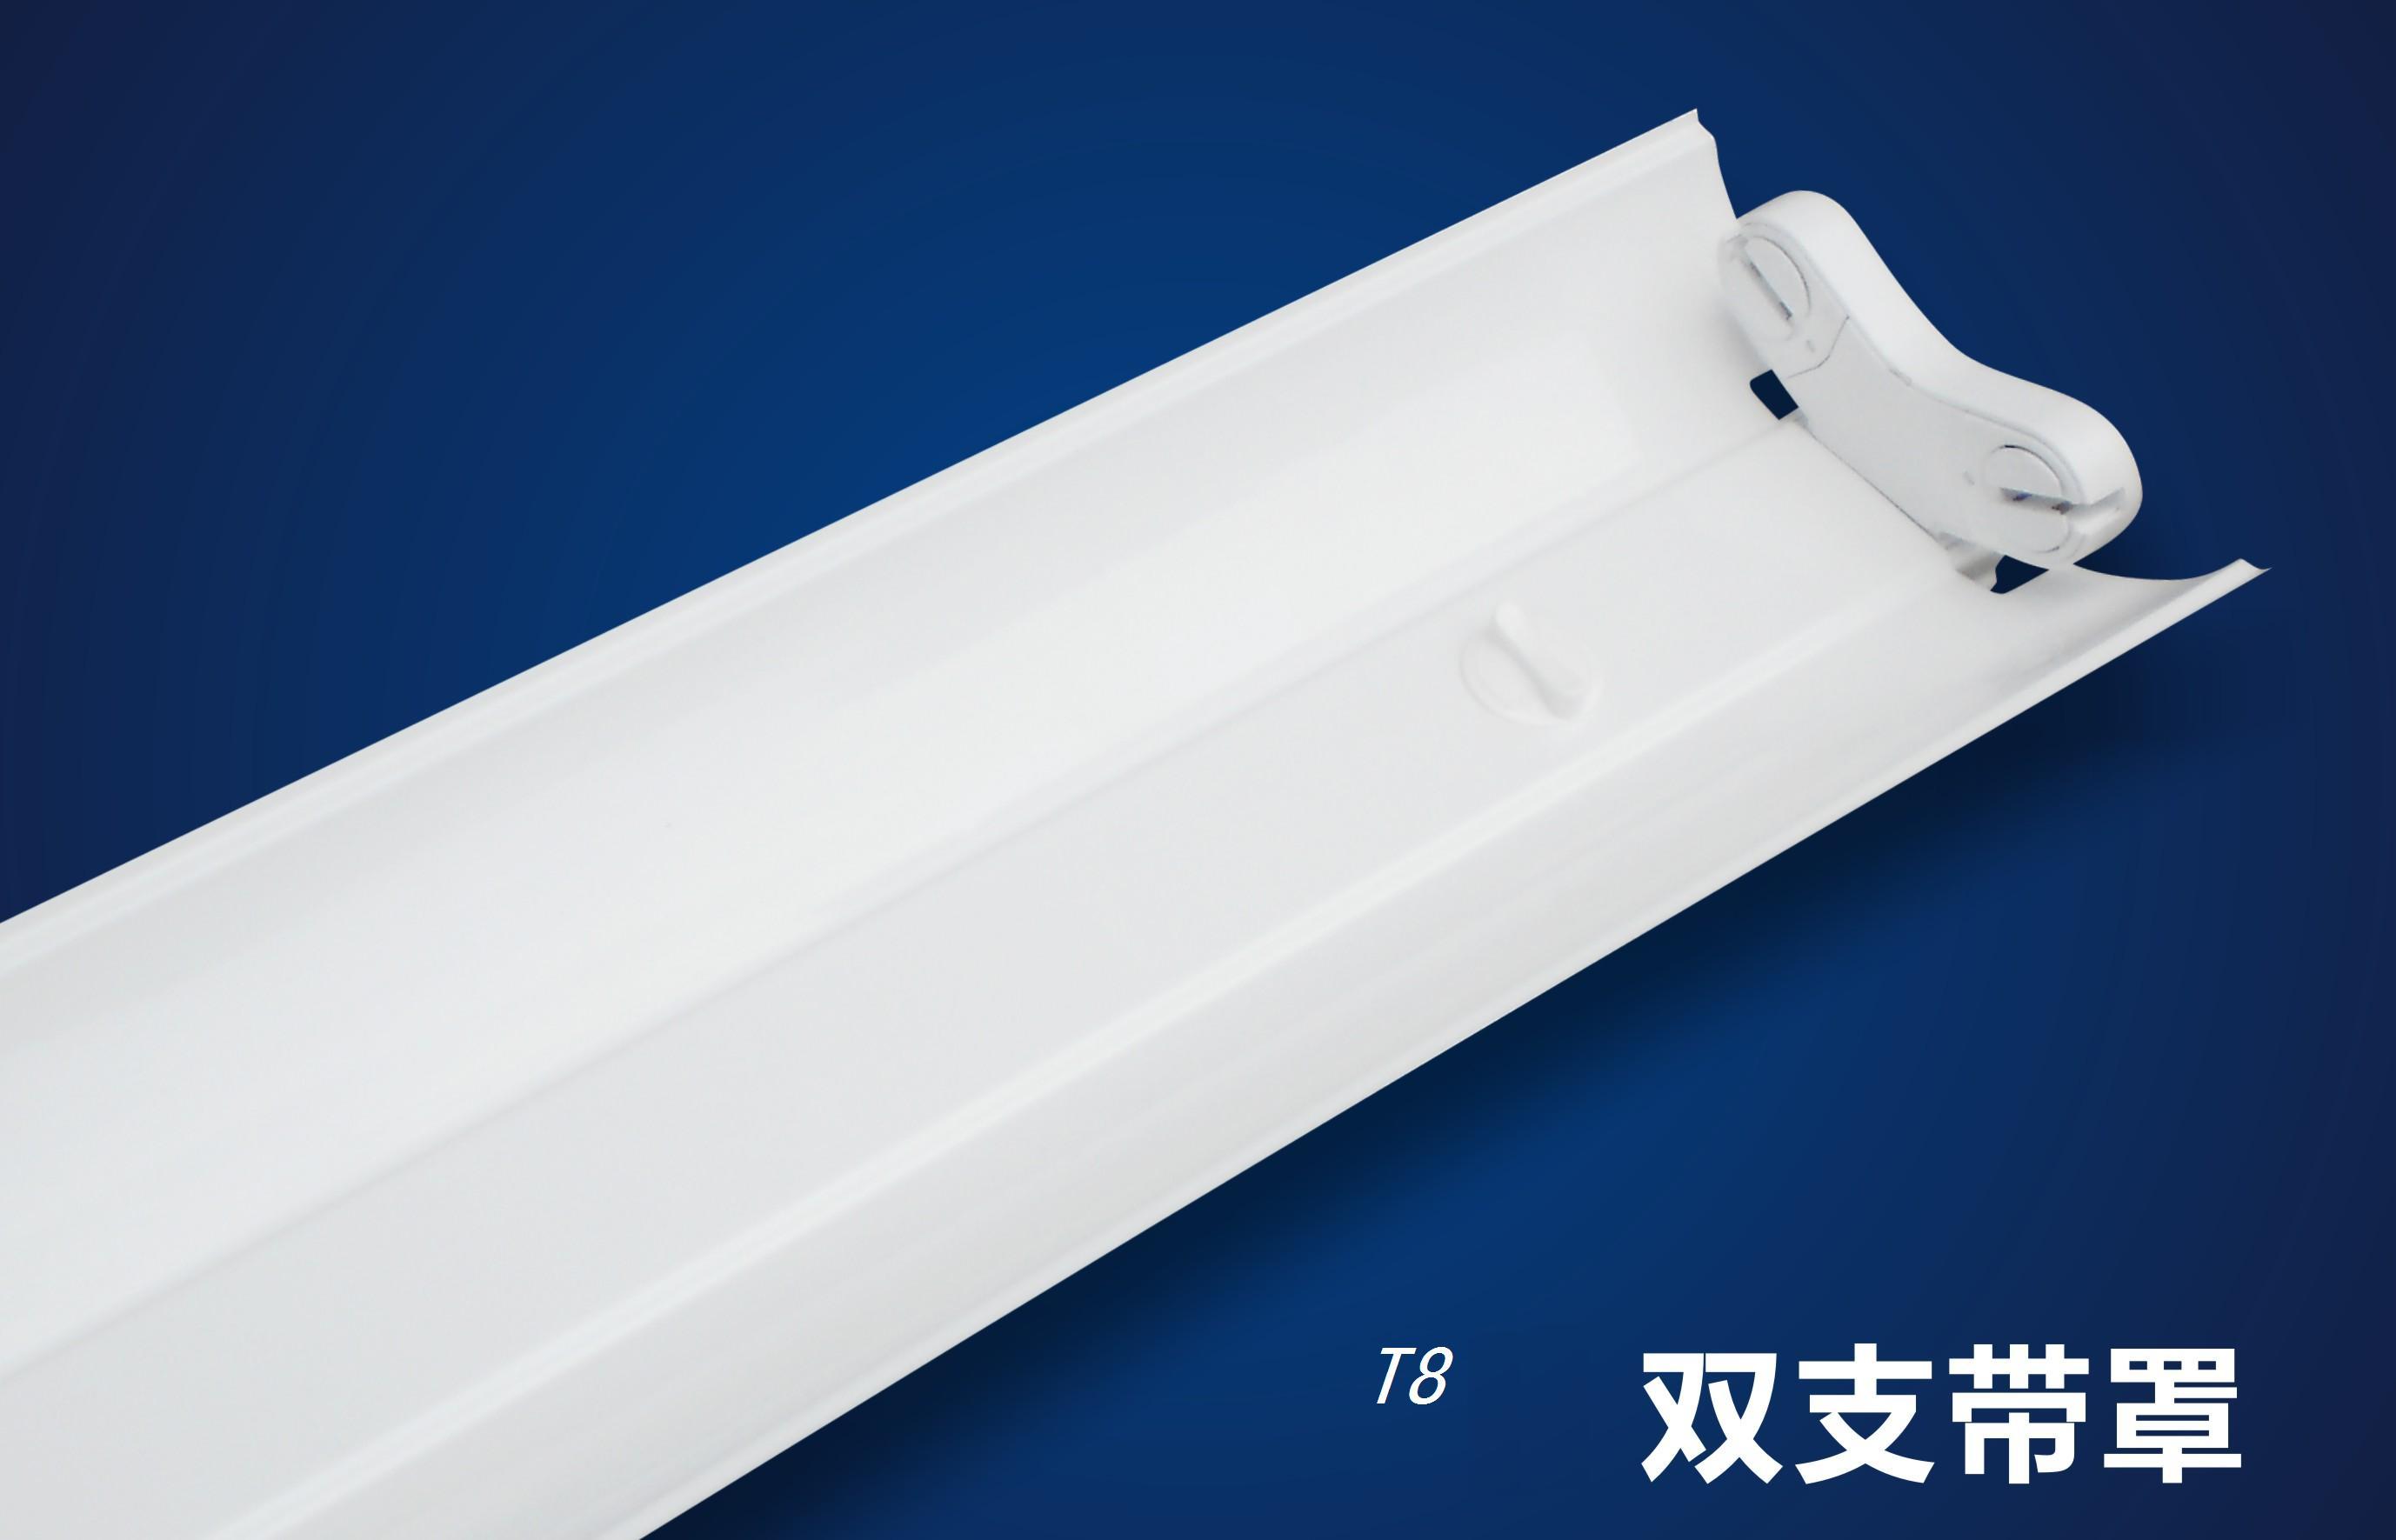 仿三雄LEDT8T5常规支架QYX018支架(三雄LED日光灯支架) 常规支架T5LED及T8LED日光灯支架(三雄LED日光灯支架)系列,配置宽压高PF恒流驱动,并有带反射罩的型号可供选择,专业设计的发射器,反射效率高,美观大方。 乐易支架使用范围广泛,能方便地连成灯带,也能吸顶安装、壁装和吊装。 三雄LED日光灯支架产品特点: 领袖品牌品质无忧 l 3C认证,安全可靠,经久耐用 l优质钢板,整体喷涂,使用寿命长 l安全可靠的灯座和连接器件:经久耐用,确保长期使用安全 人性设计,轻松应用 l侧面进线孔: